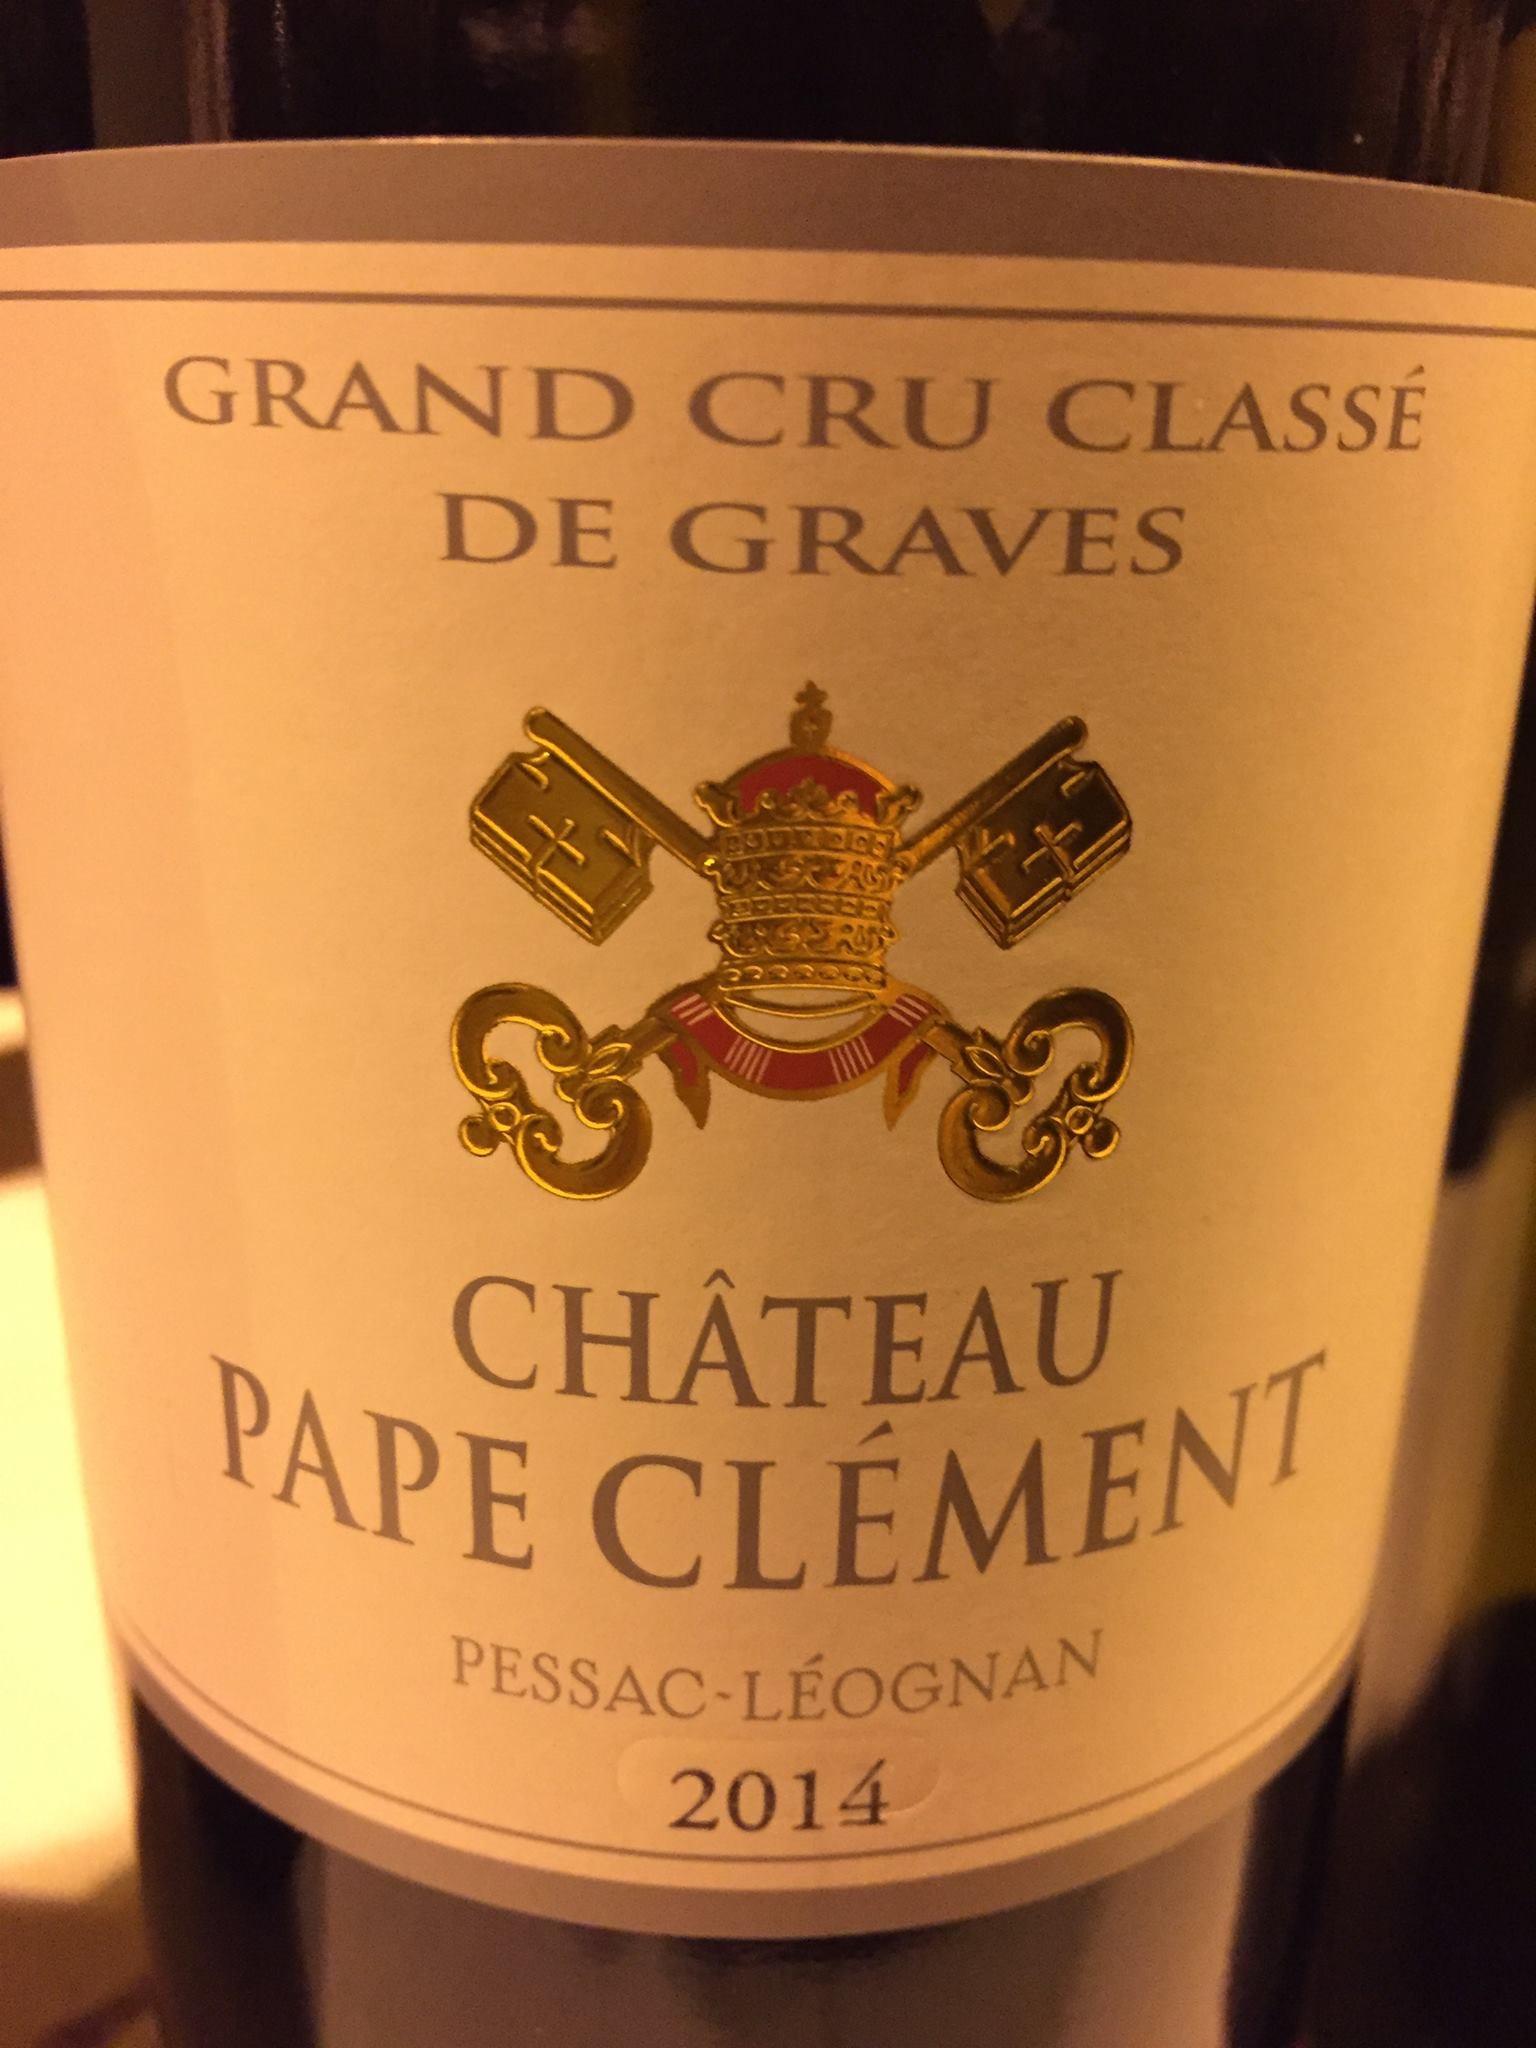 Château Pape Clément 2014 – Pessac-Léognan, Grand Cru Classé de Graves